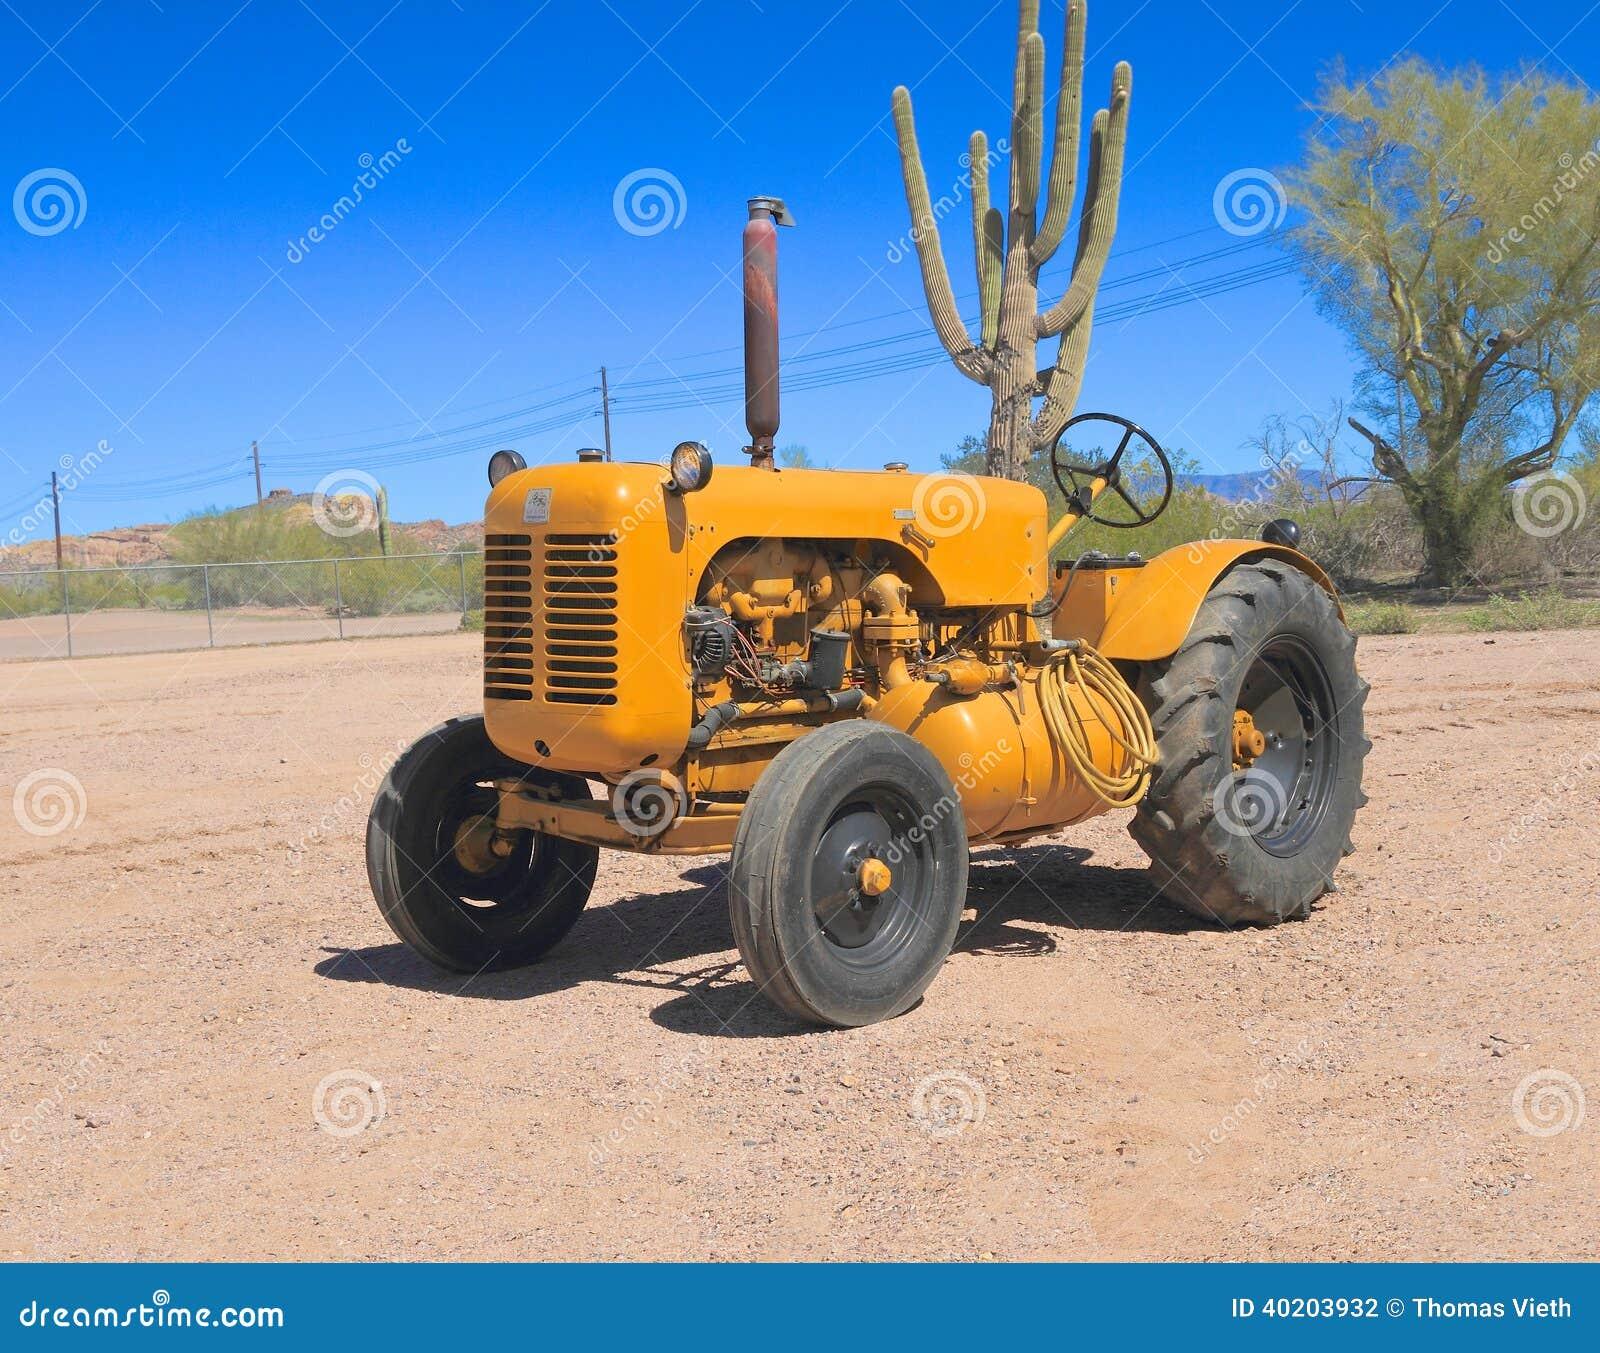 USA: Classic Tractor - 1958 Leroi - Air Compressor ...